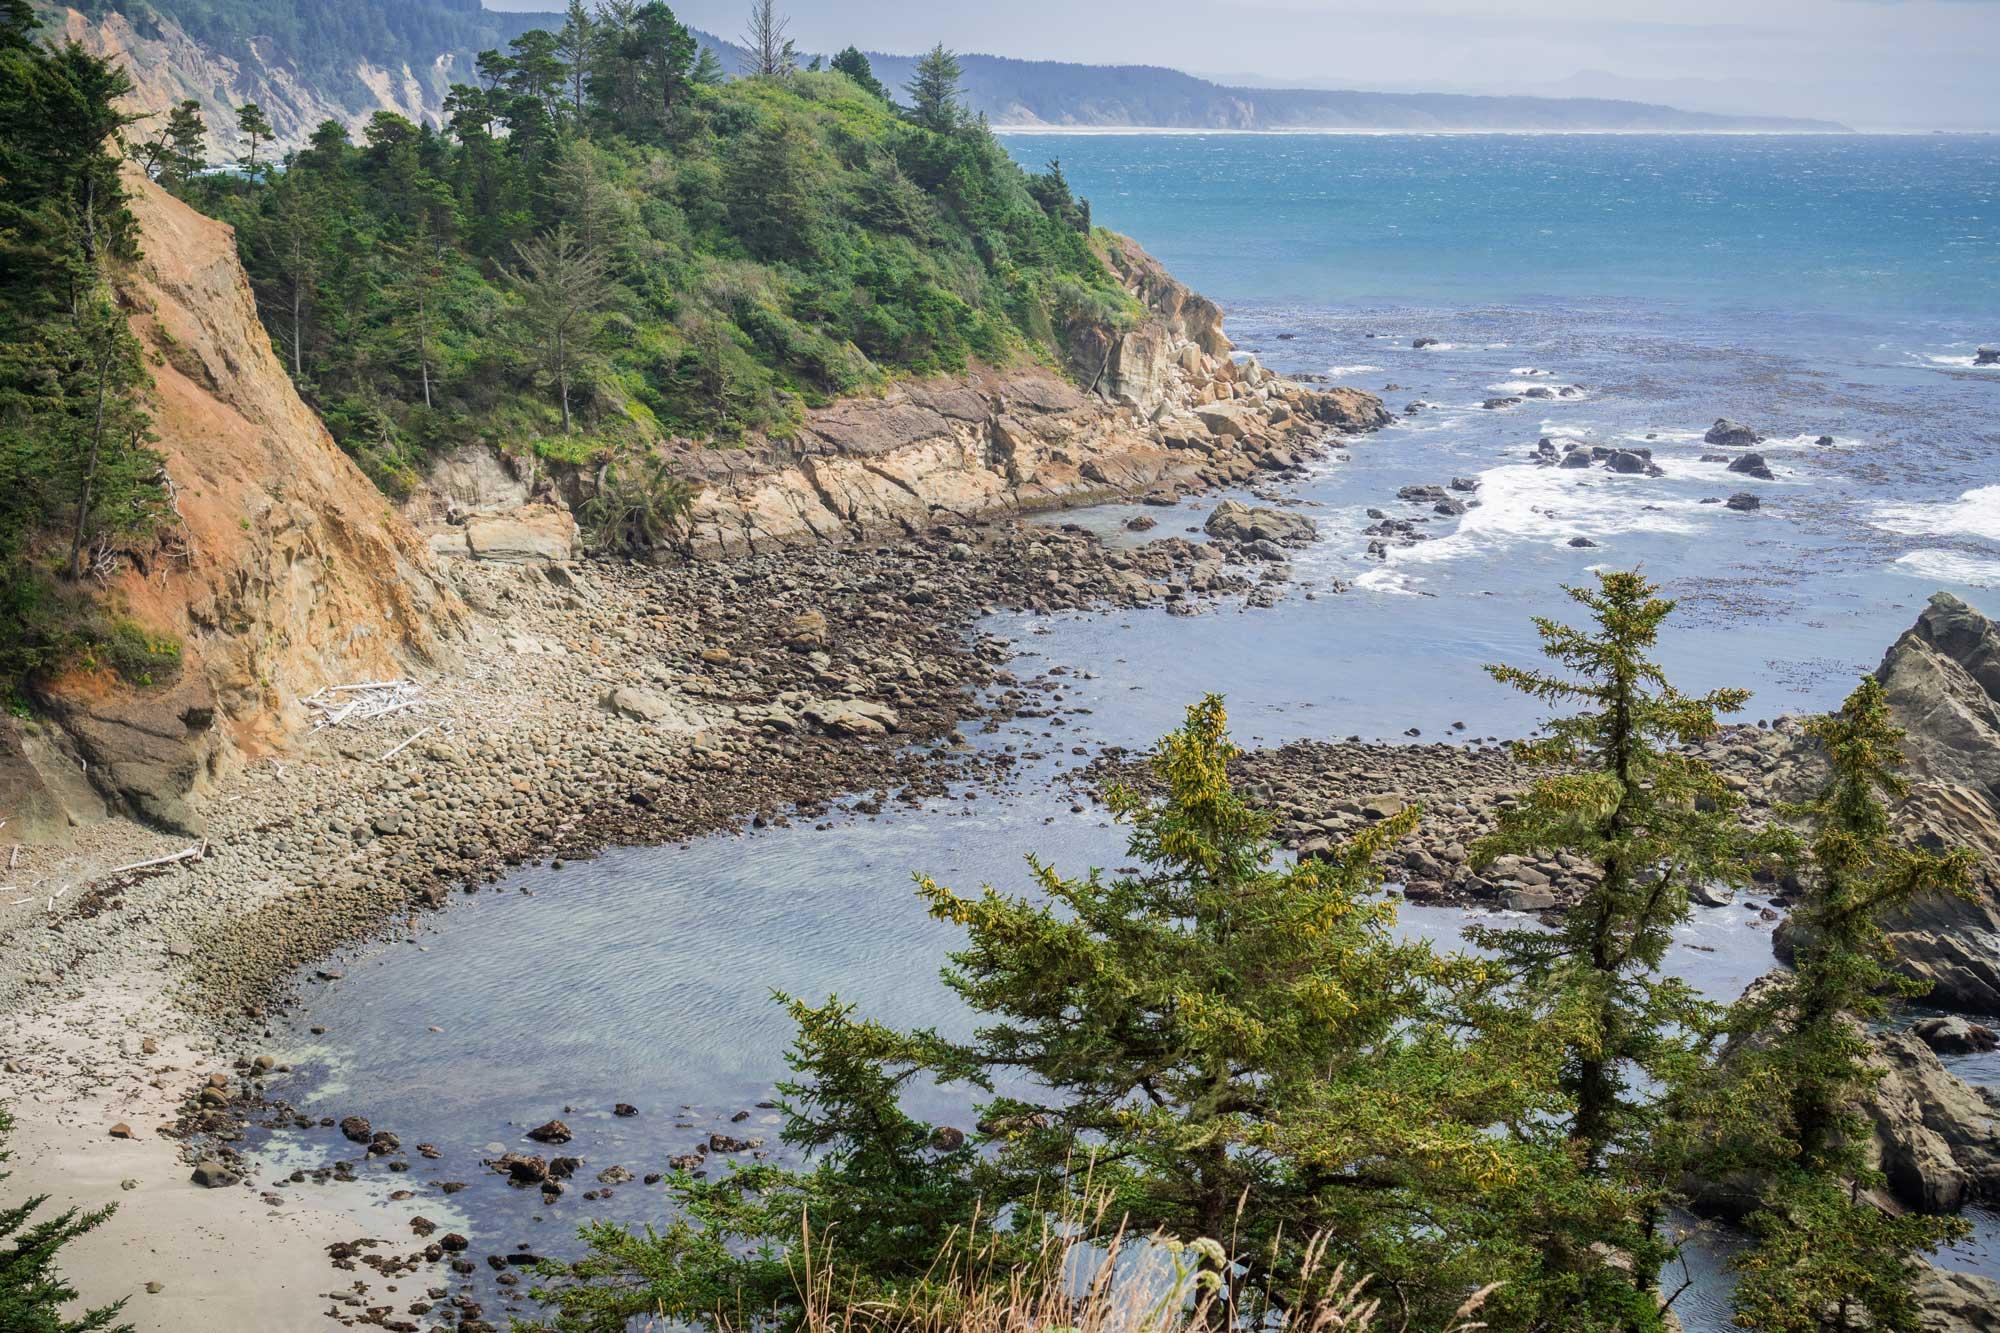 protected cove on the Oregon Coast